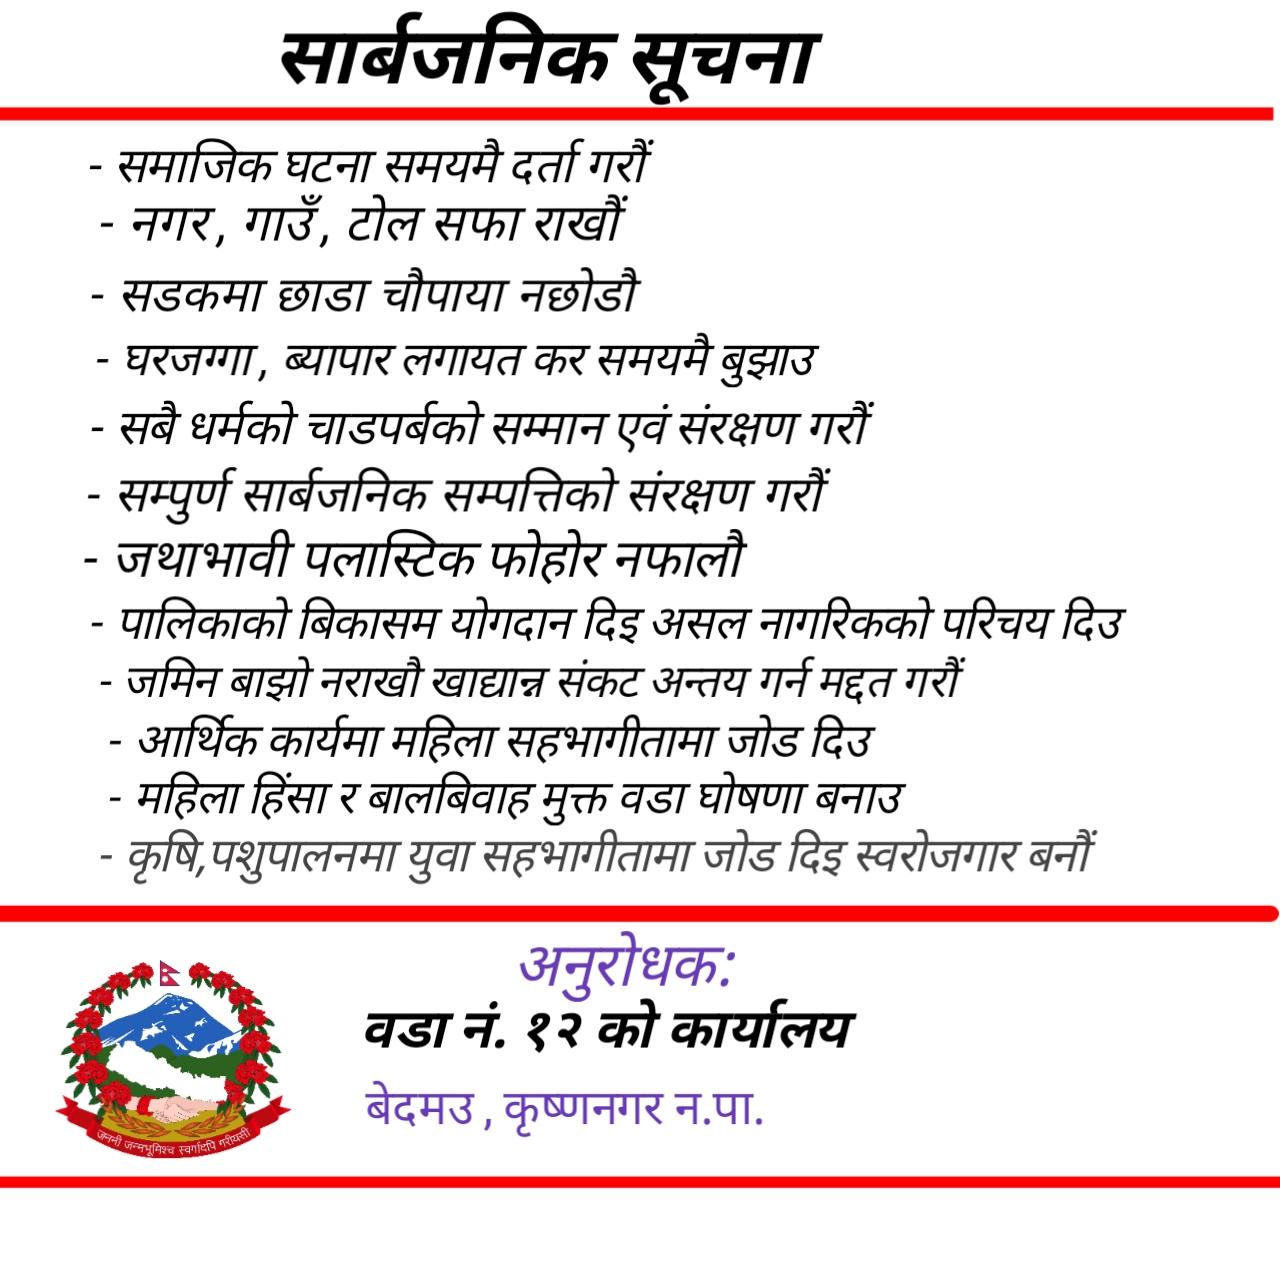 krishnagar-12